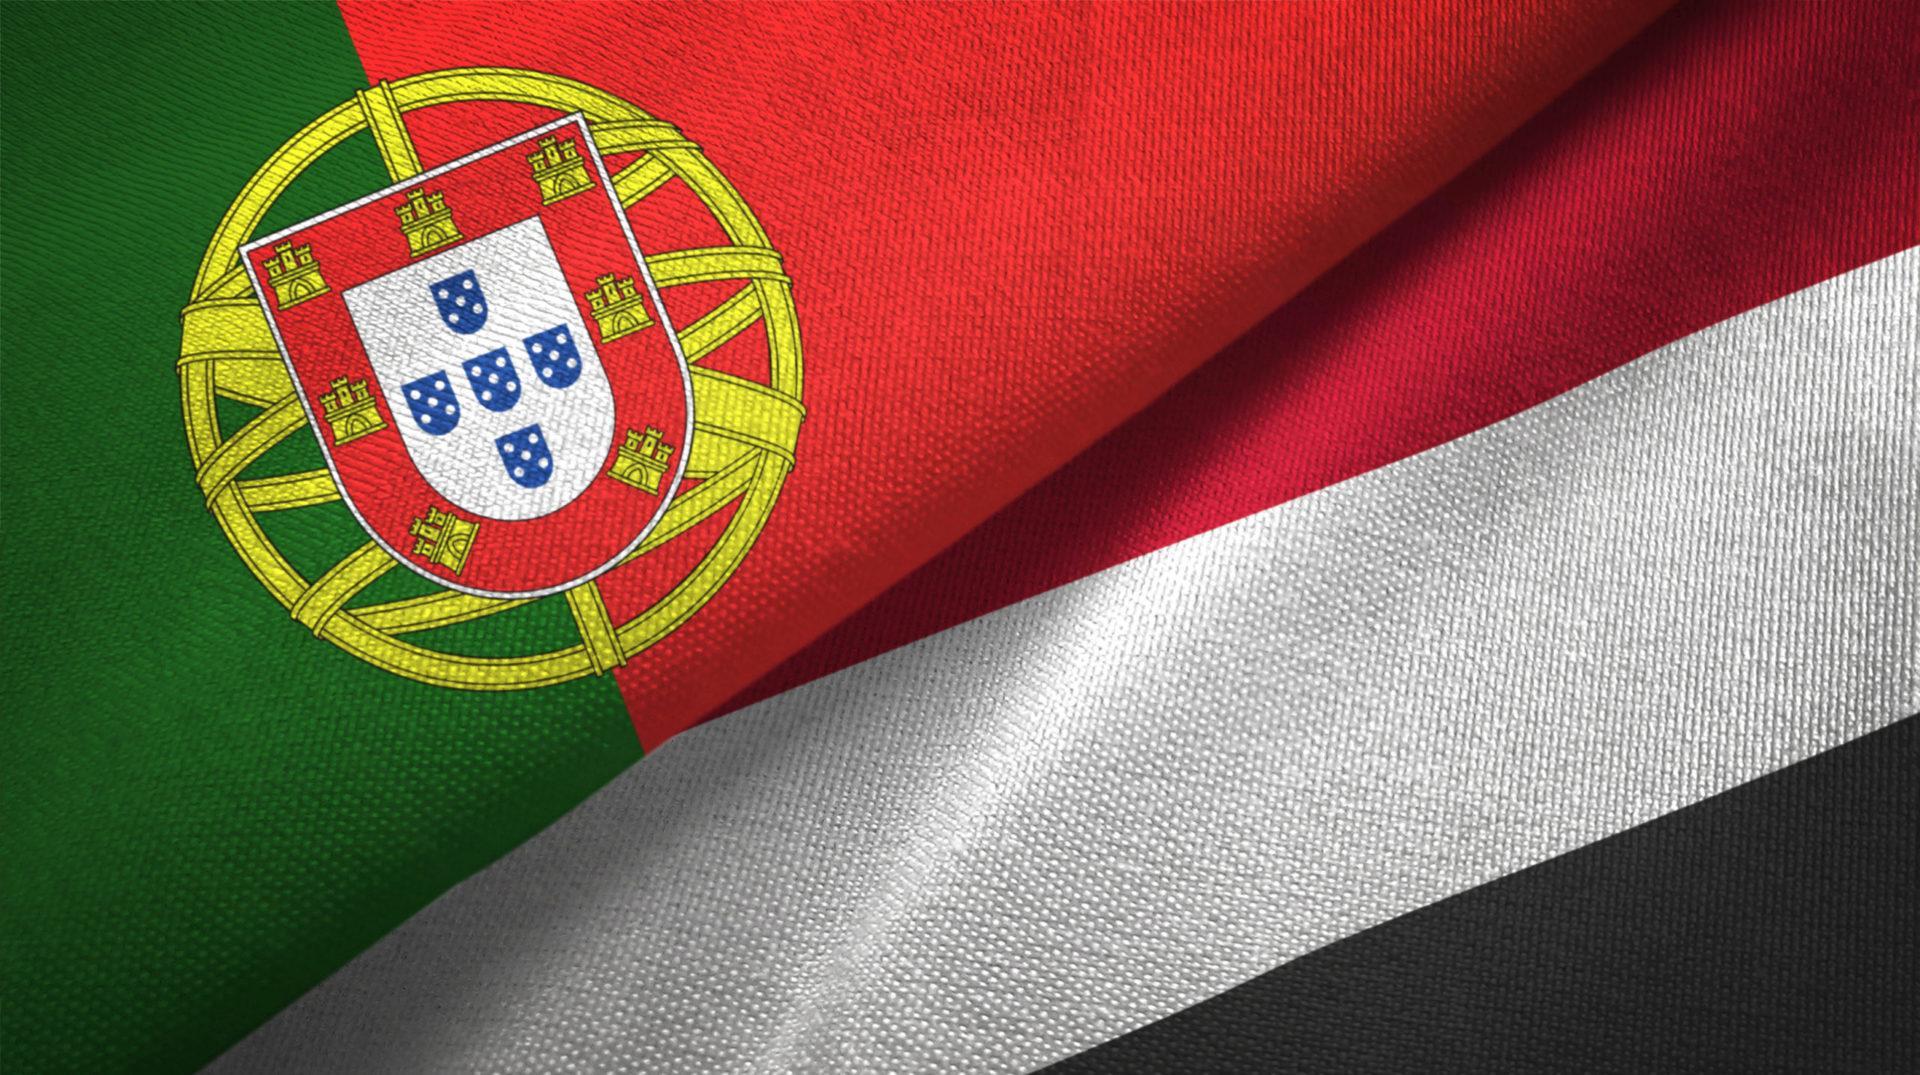 דרכון פורטוגלי ליוצאי תימן – מתי? ובאילו תנאים?